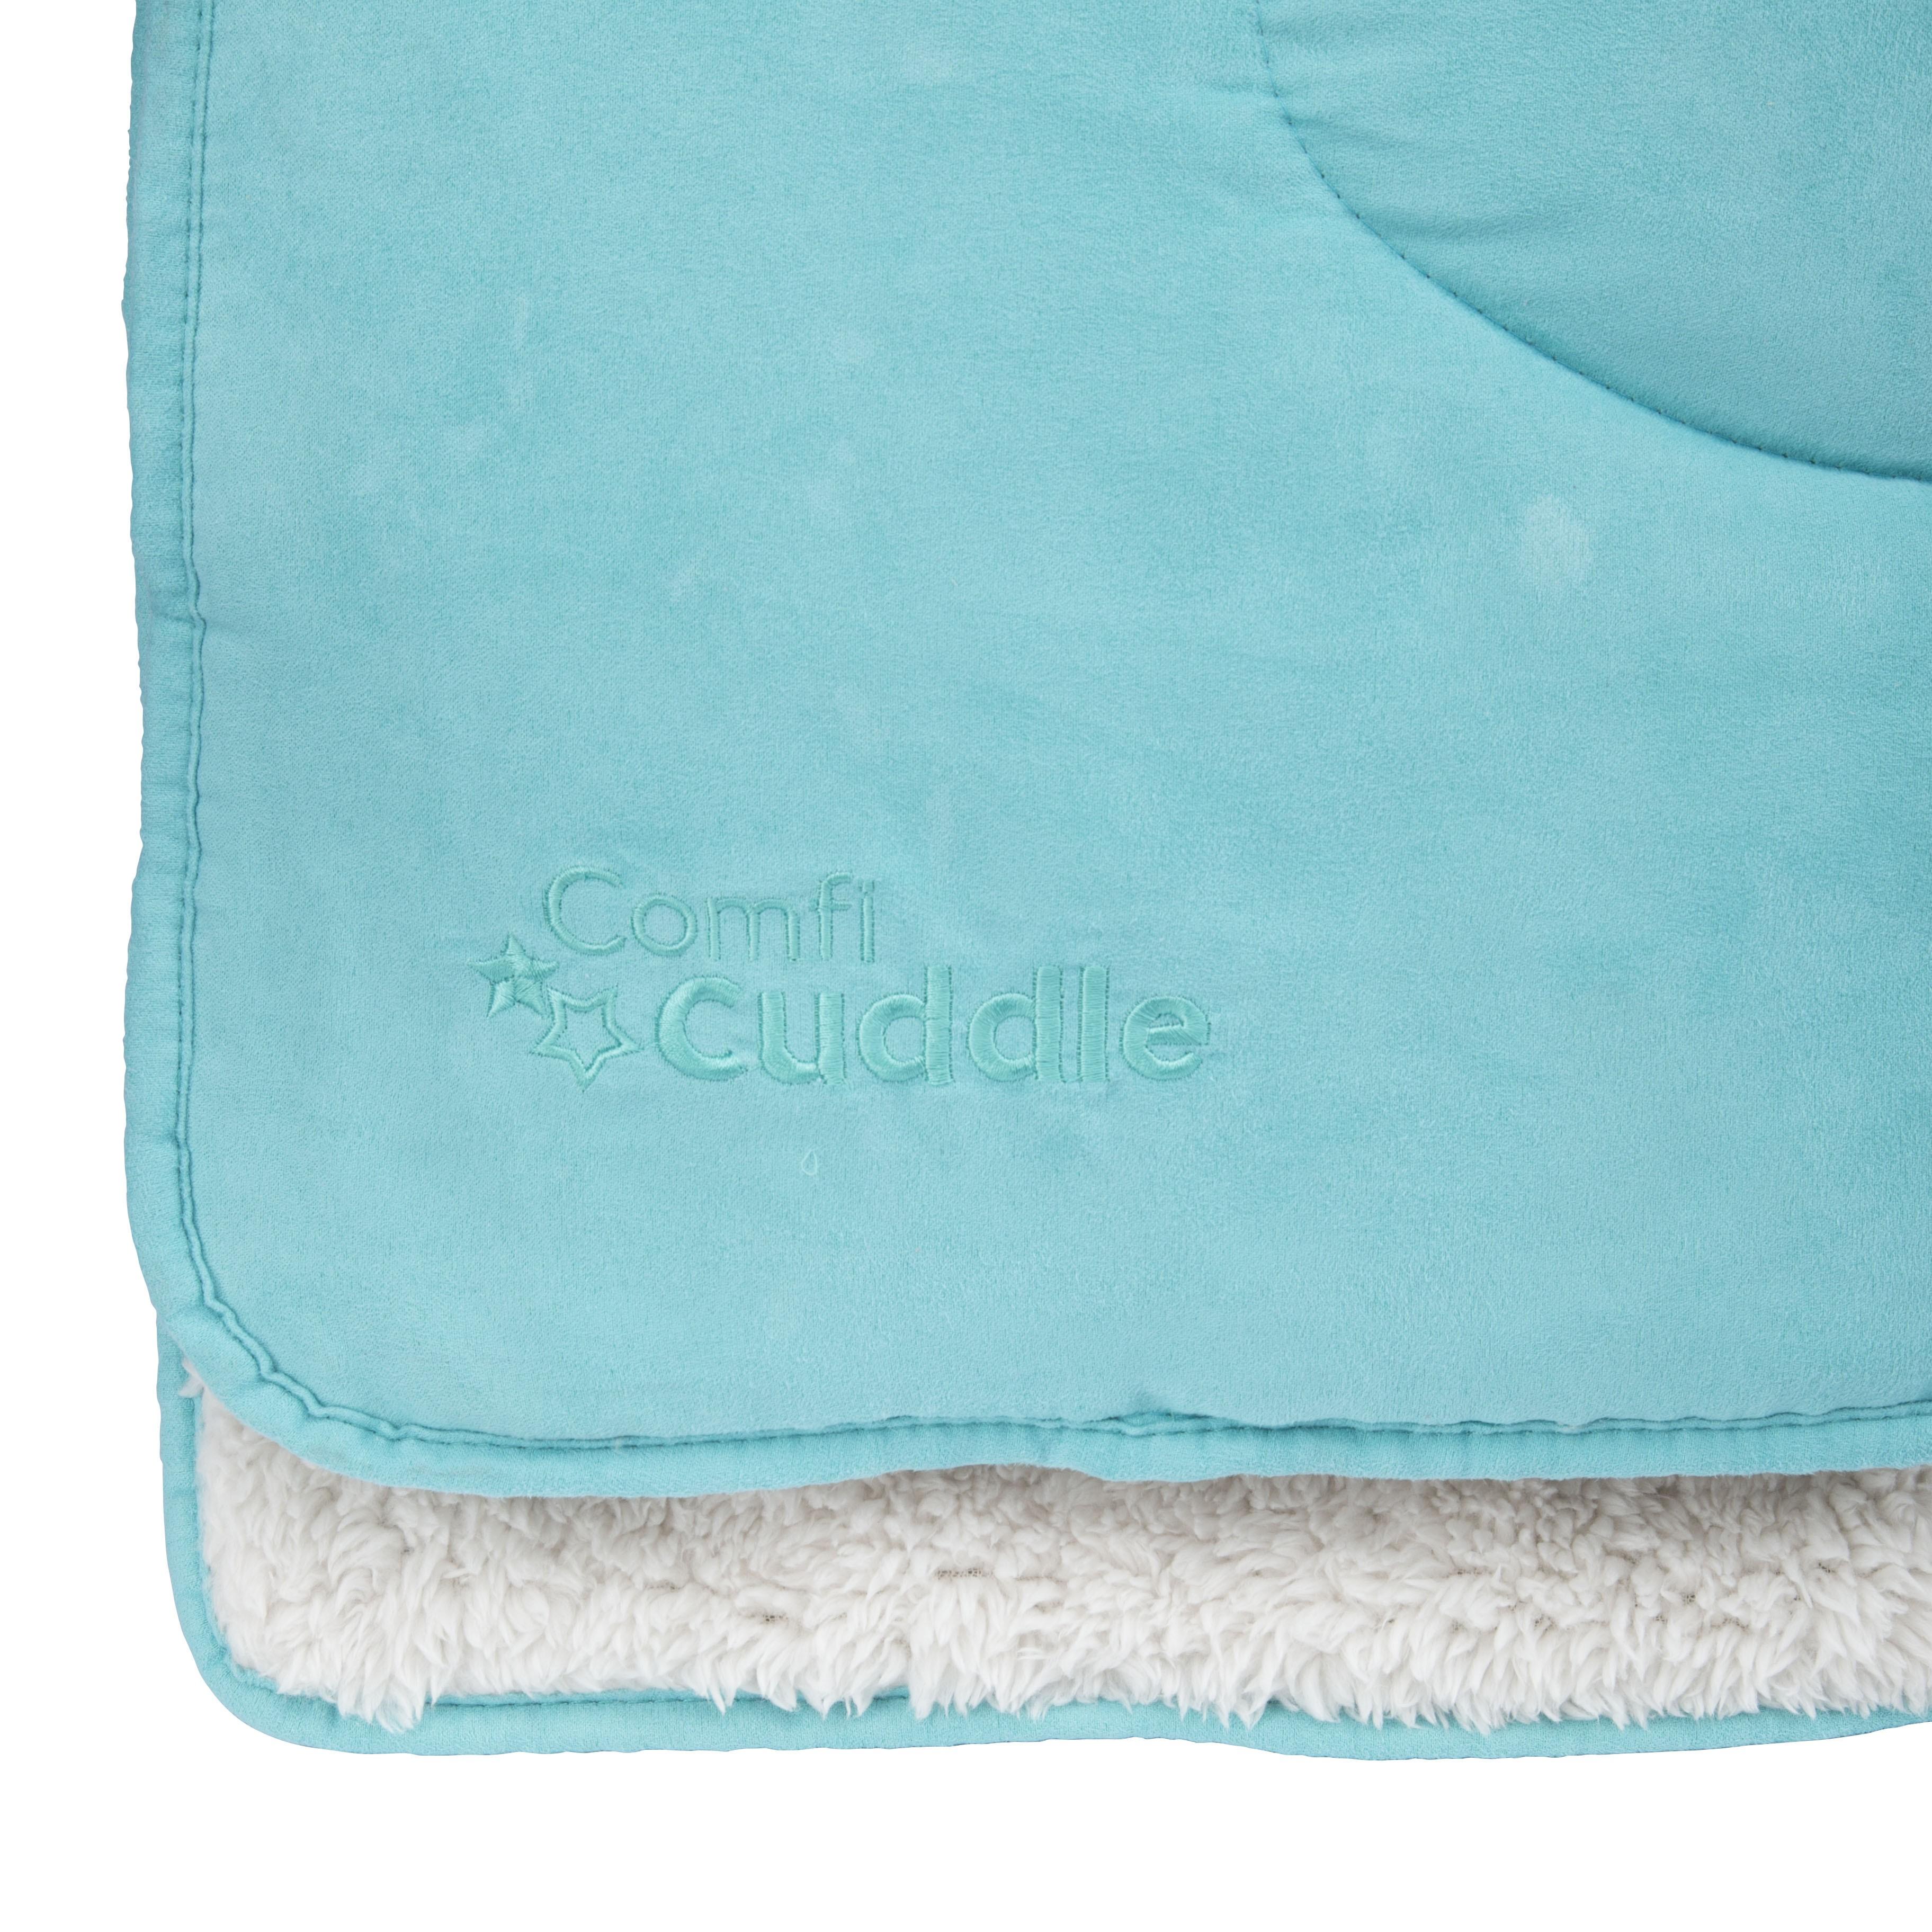 CUDDLECO Super měkká oboustranná dětská deka 110x75 cm, Tiffany blue